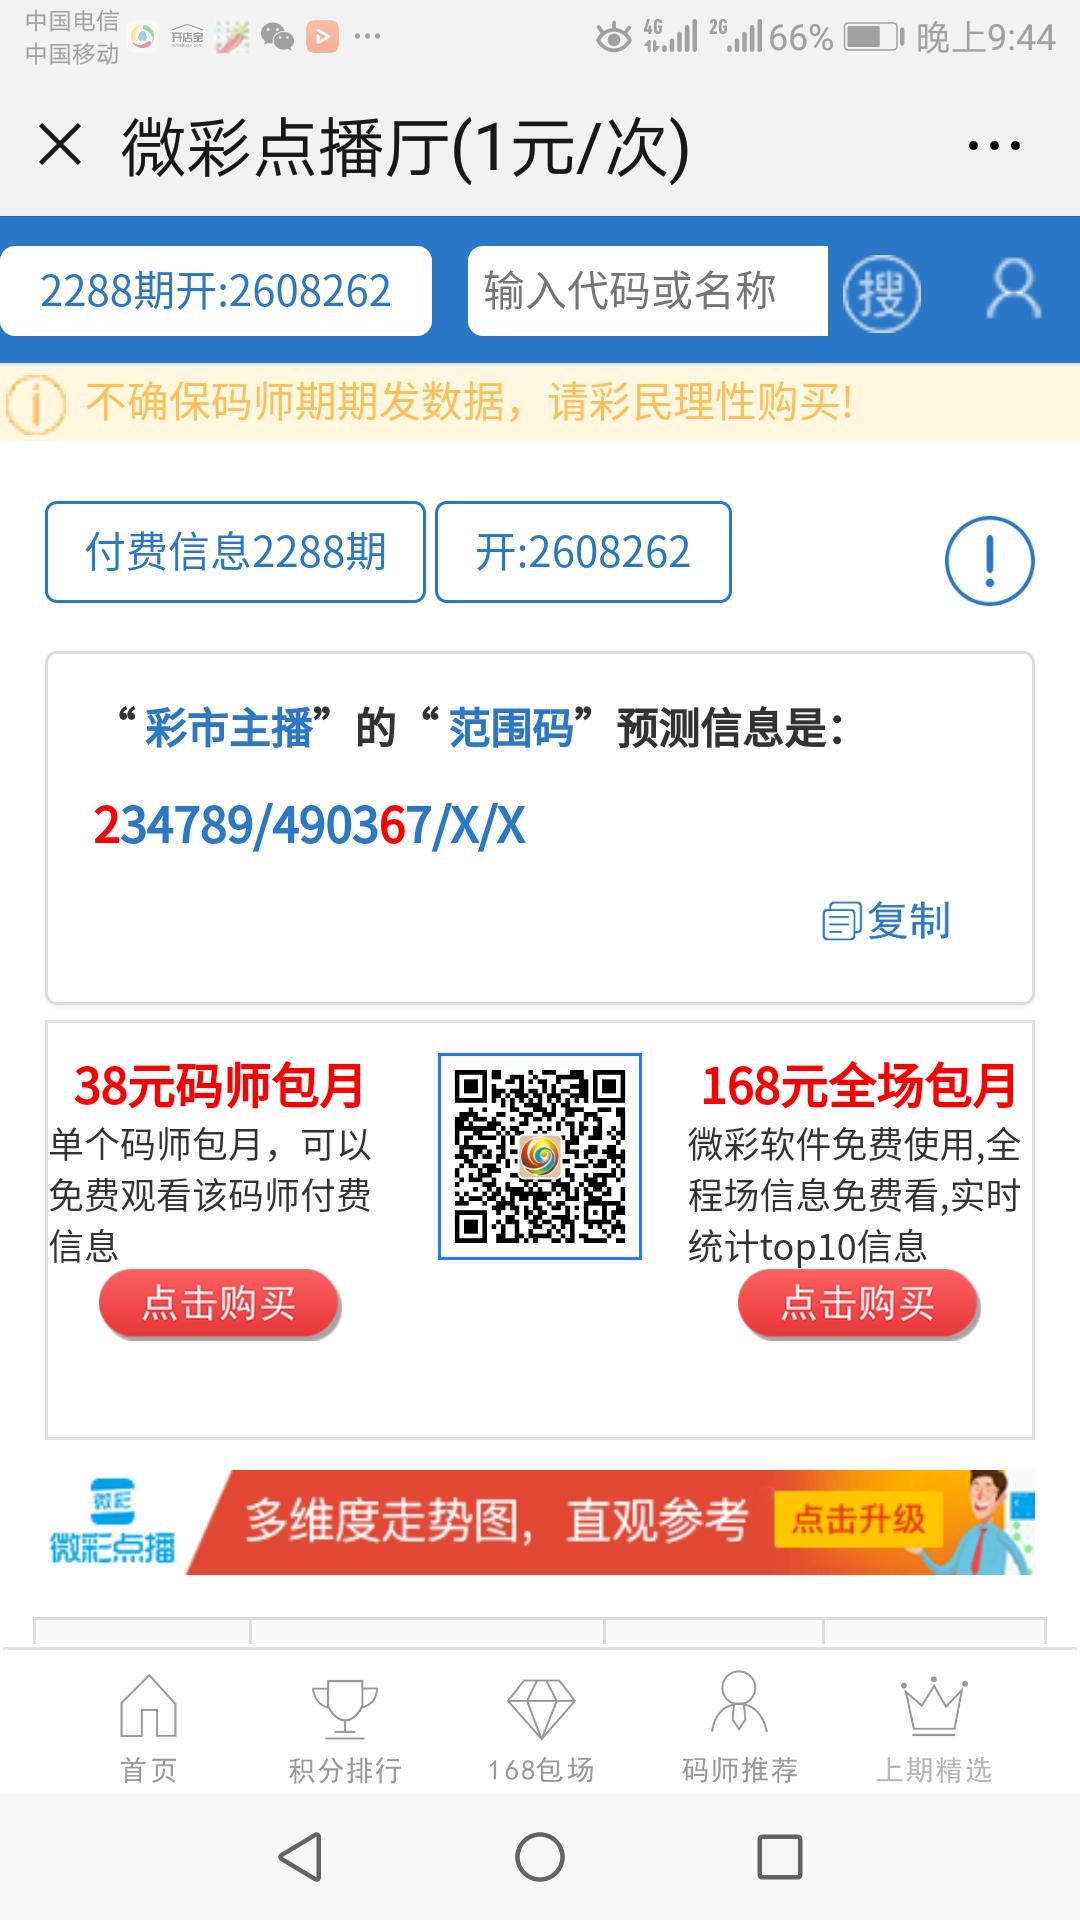 Screenshot_20190414-214457.jpg